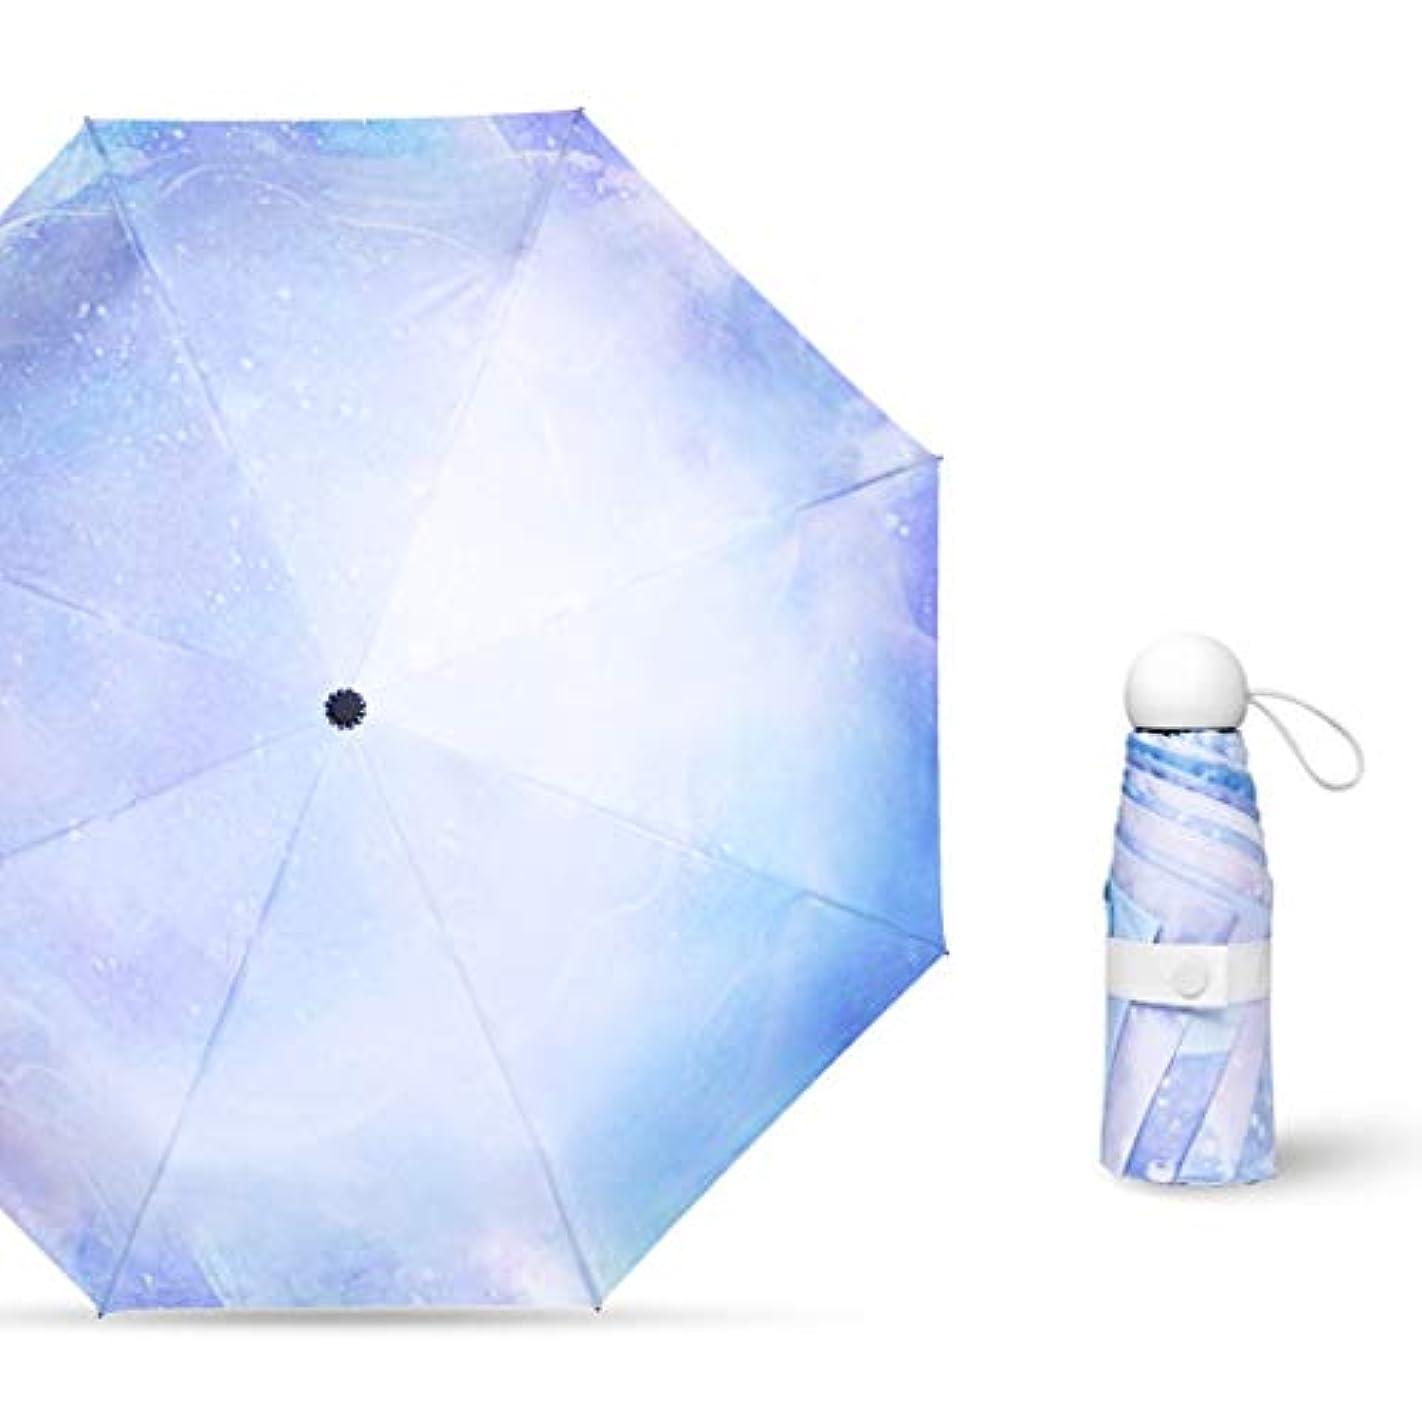 拍手申請中保全ミニ防風旅行傘、コンパクト折りたたみ傘、8リブ、紫外線保護、軽量速乾性 (Color : Blue)